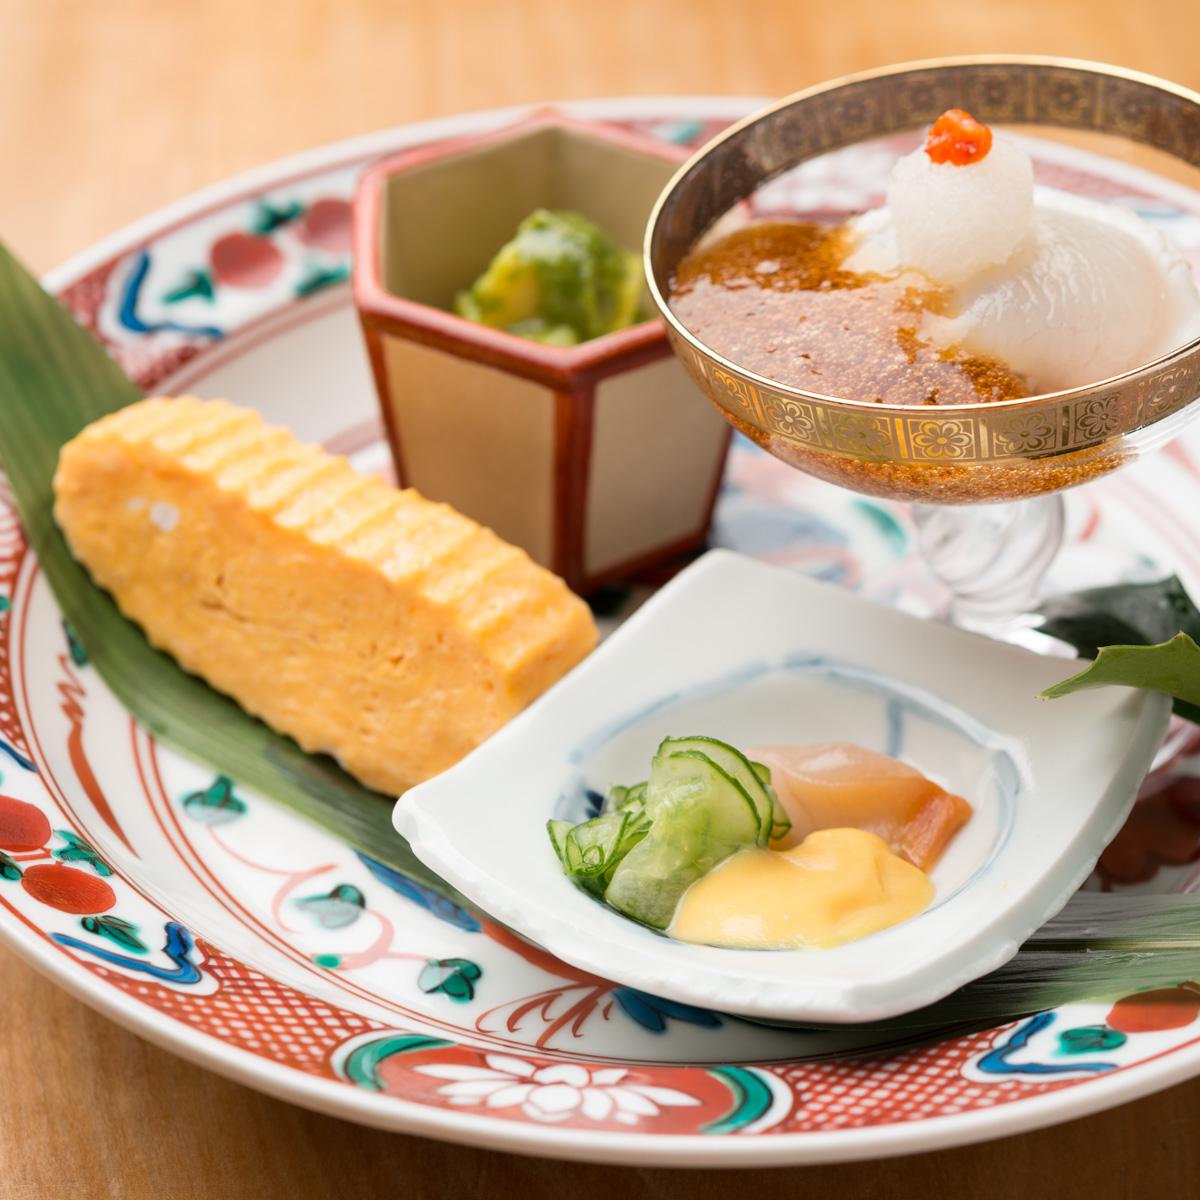 八寸|河豚のたたき 鉄皮和え、赤貝の黄身酢、甘海老と竹の子の木の芽味噌和え、出汁巻き玉子